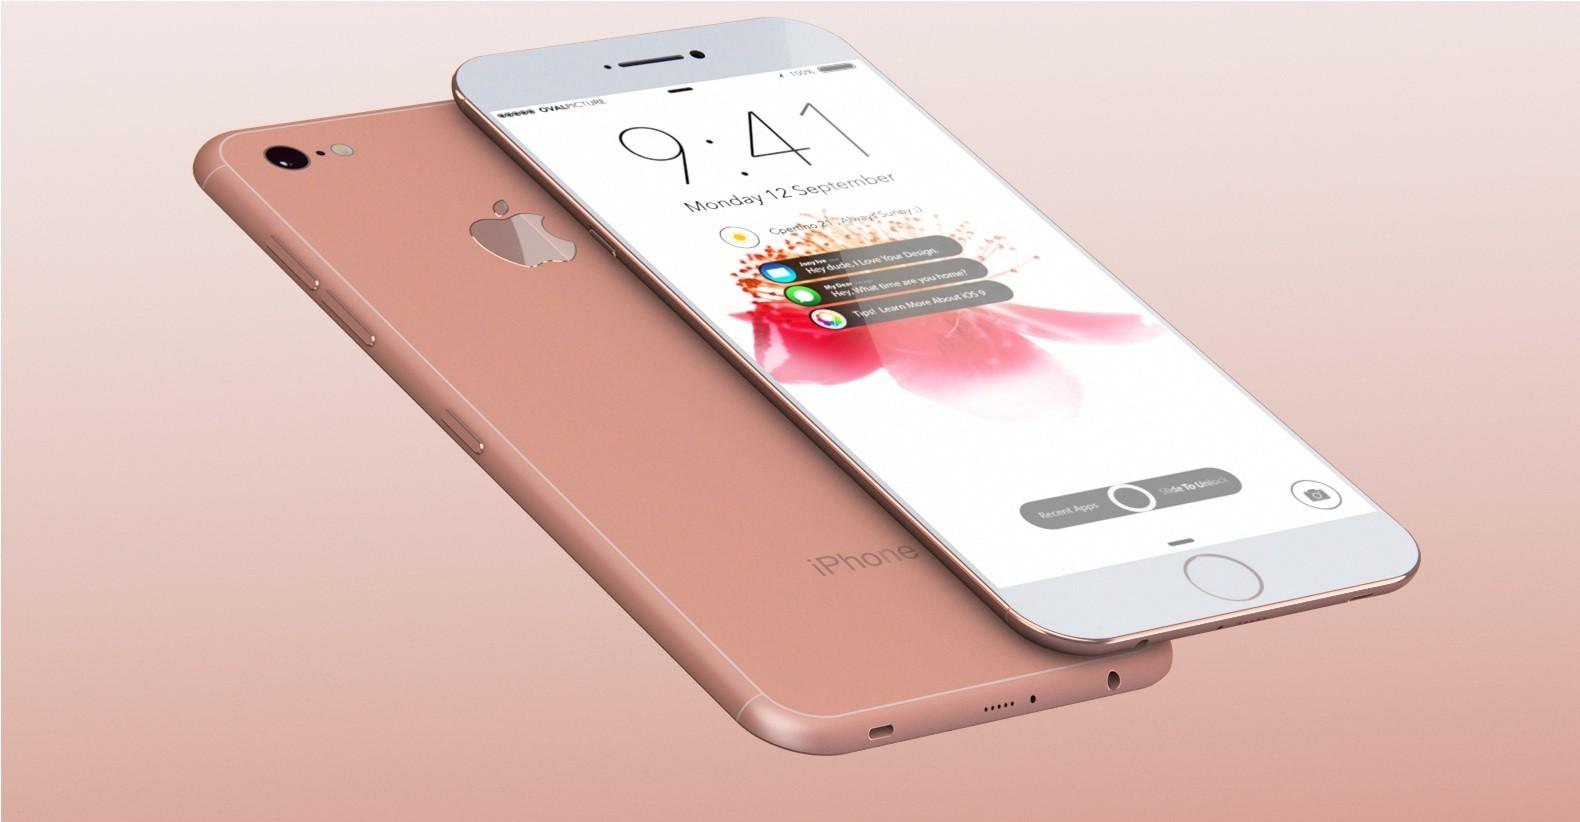 Iphone 7с 2018 - дата выхода, фото, характеристики, цена